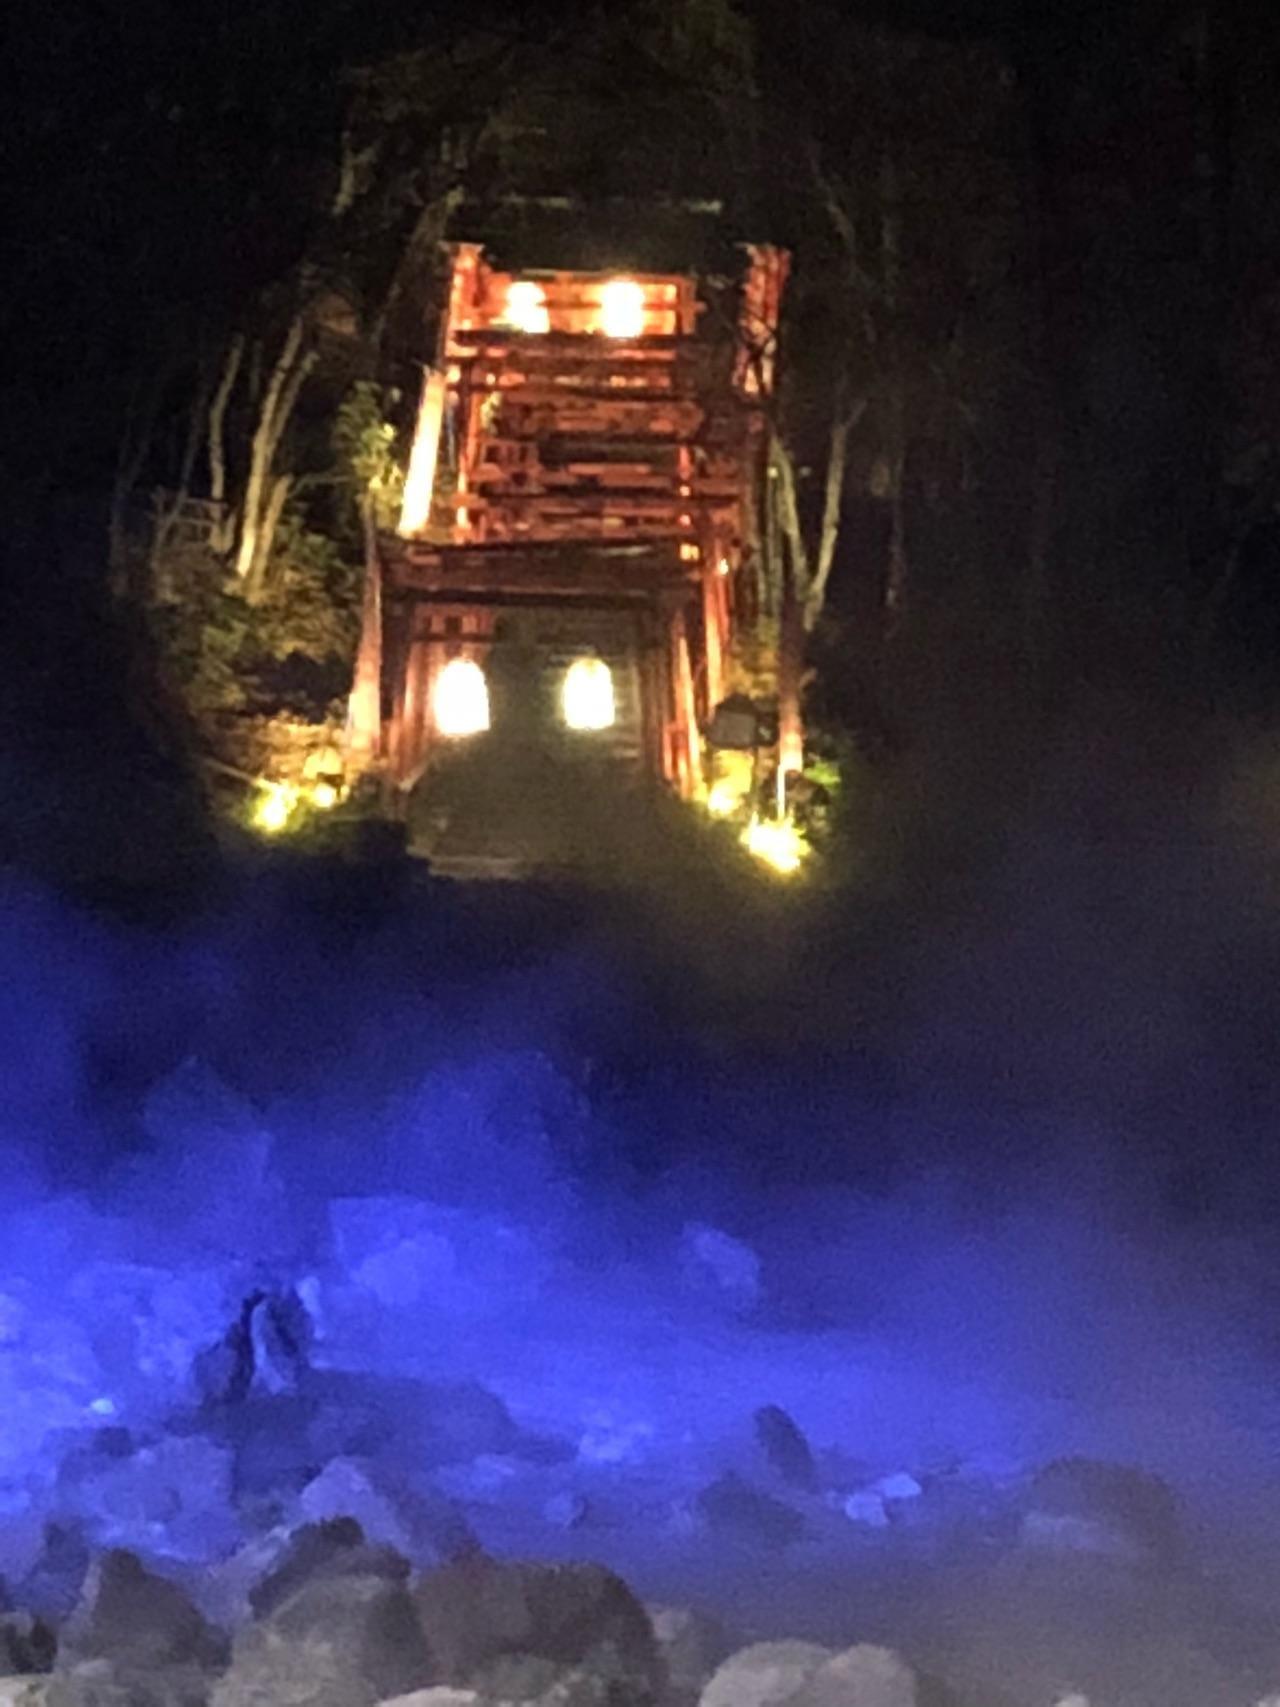 「夜中の温泉街散歩も良いね……」11/14(水) 03:22 | えみの写メ・風俗動画